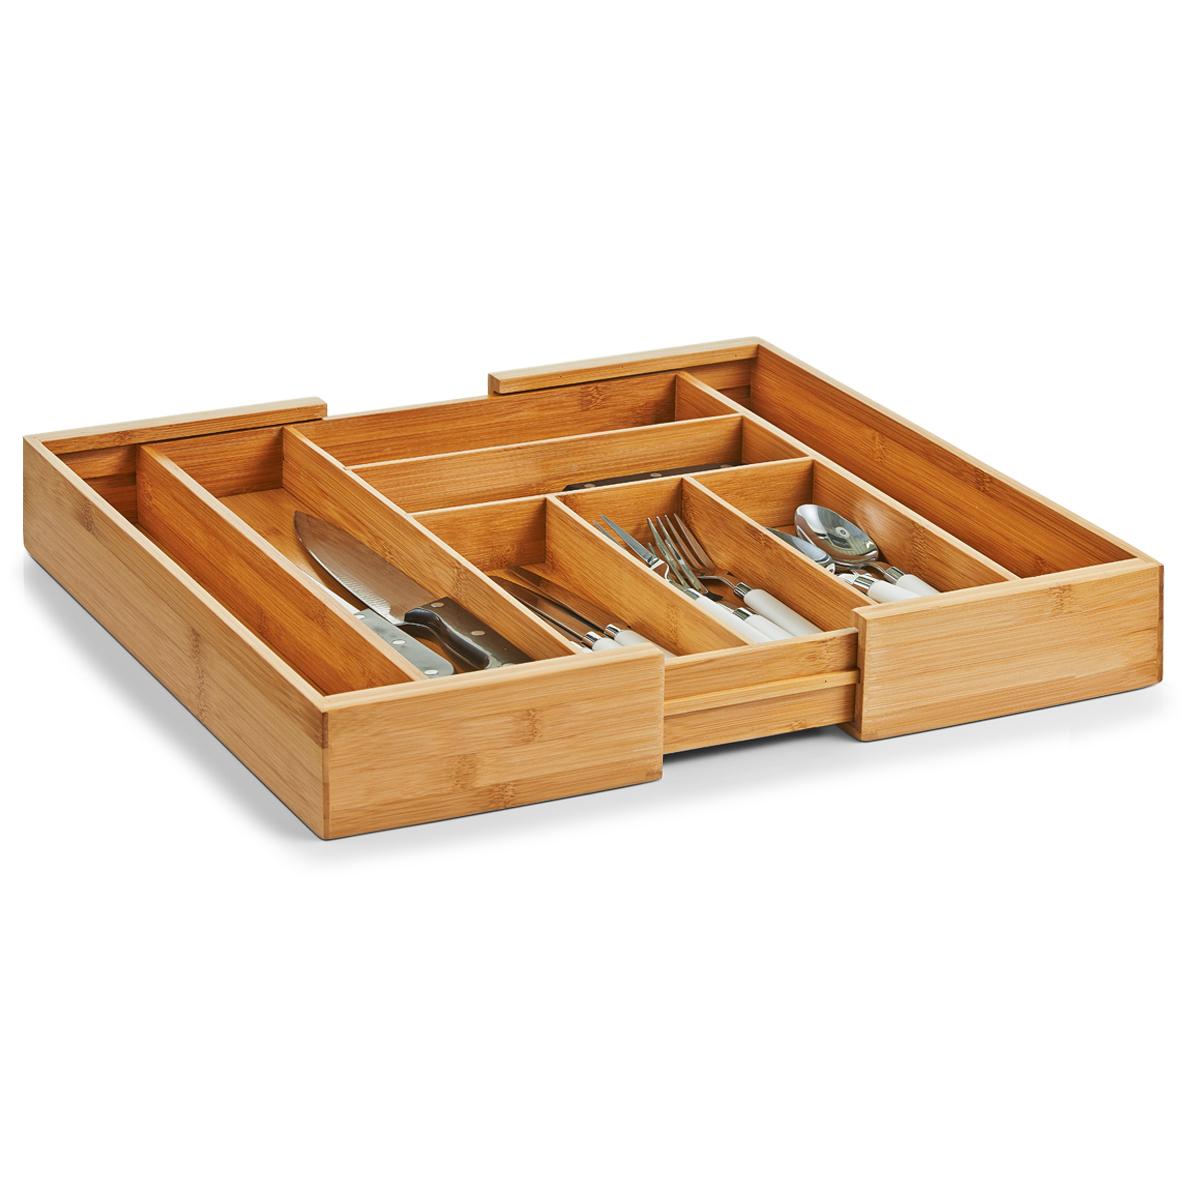 besteckkasten ausziehbar 40 50 60 bambus holz besteck einsatz schublade ebay. Black Bedroom Furniture Sets. Home Design Ideas